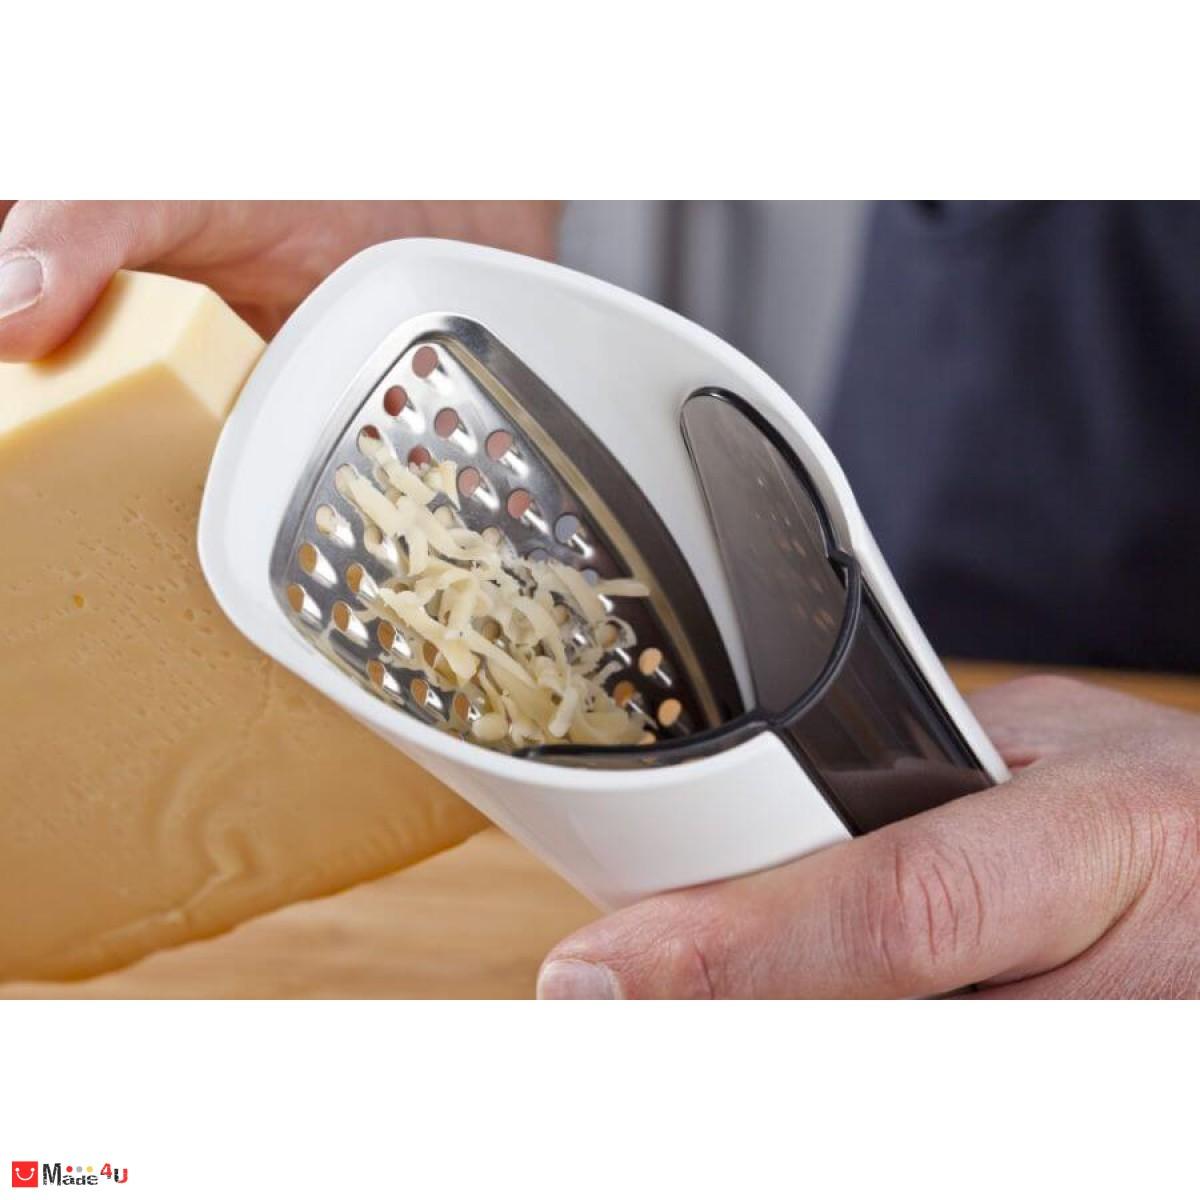 Ренде за сирене и кашкавал